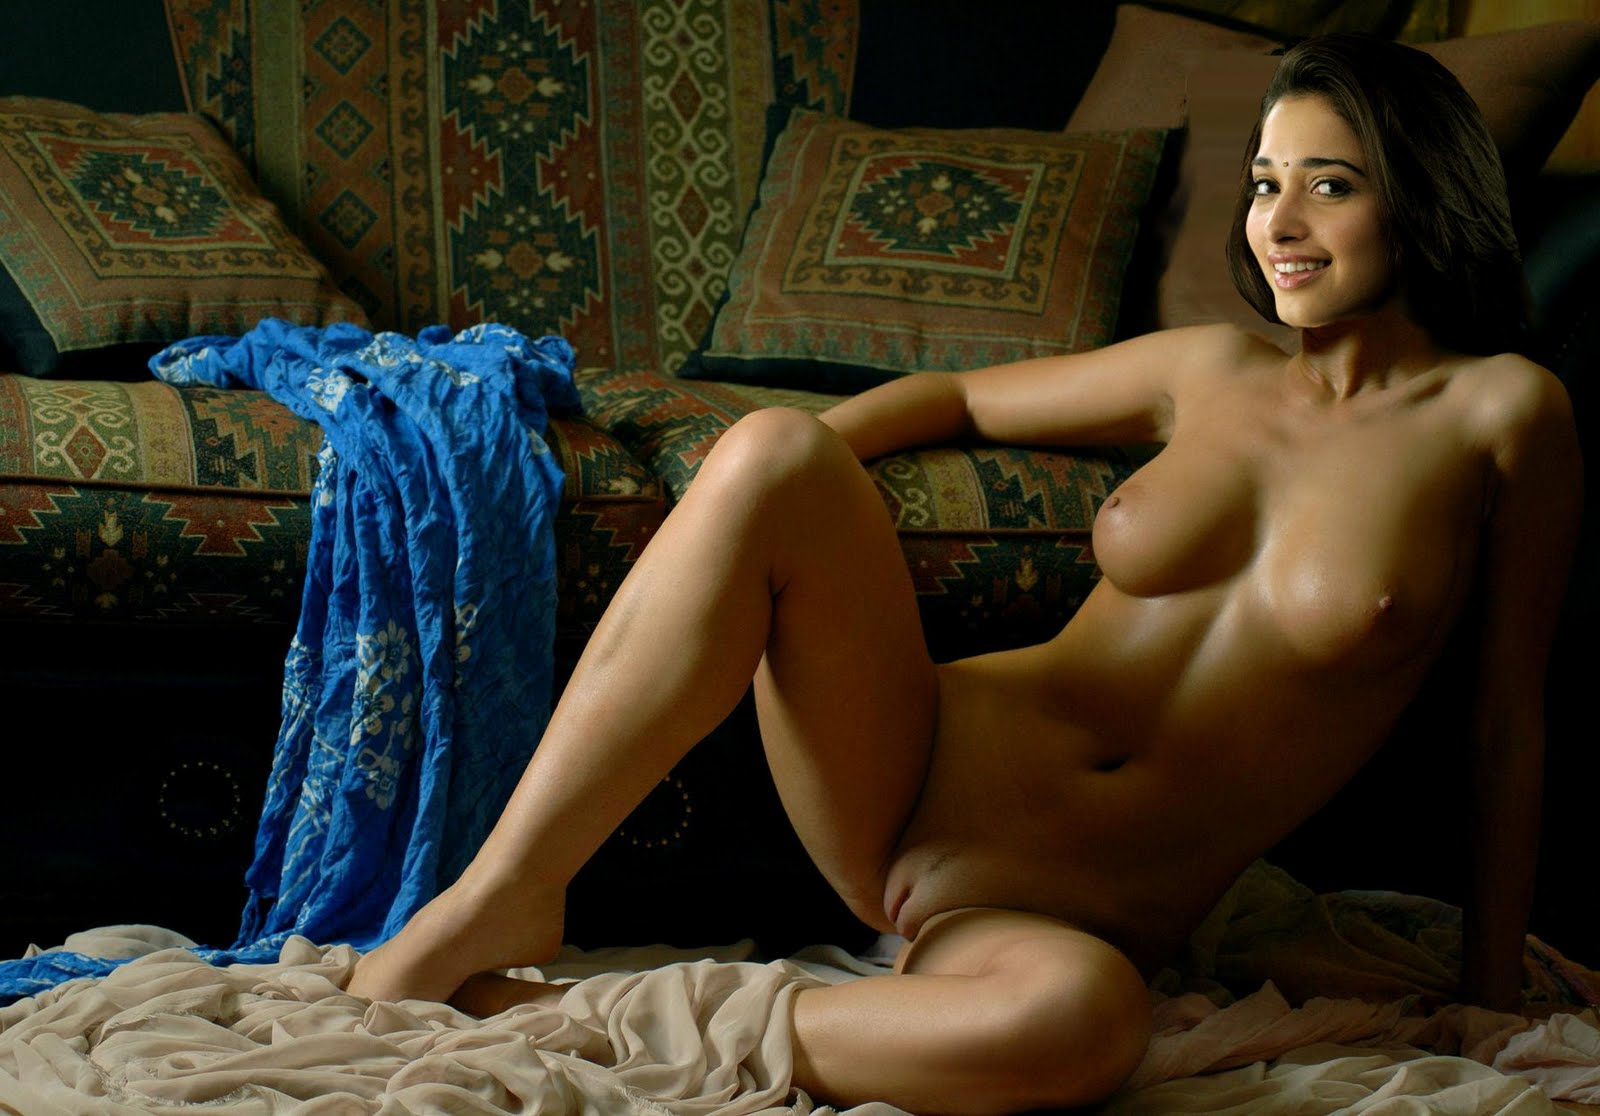 Tamil Actress Tamanna Nude Pics So Hot Images  Indian -7605